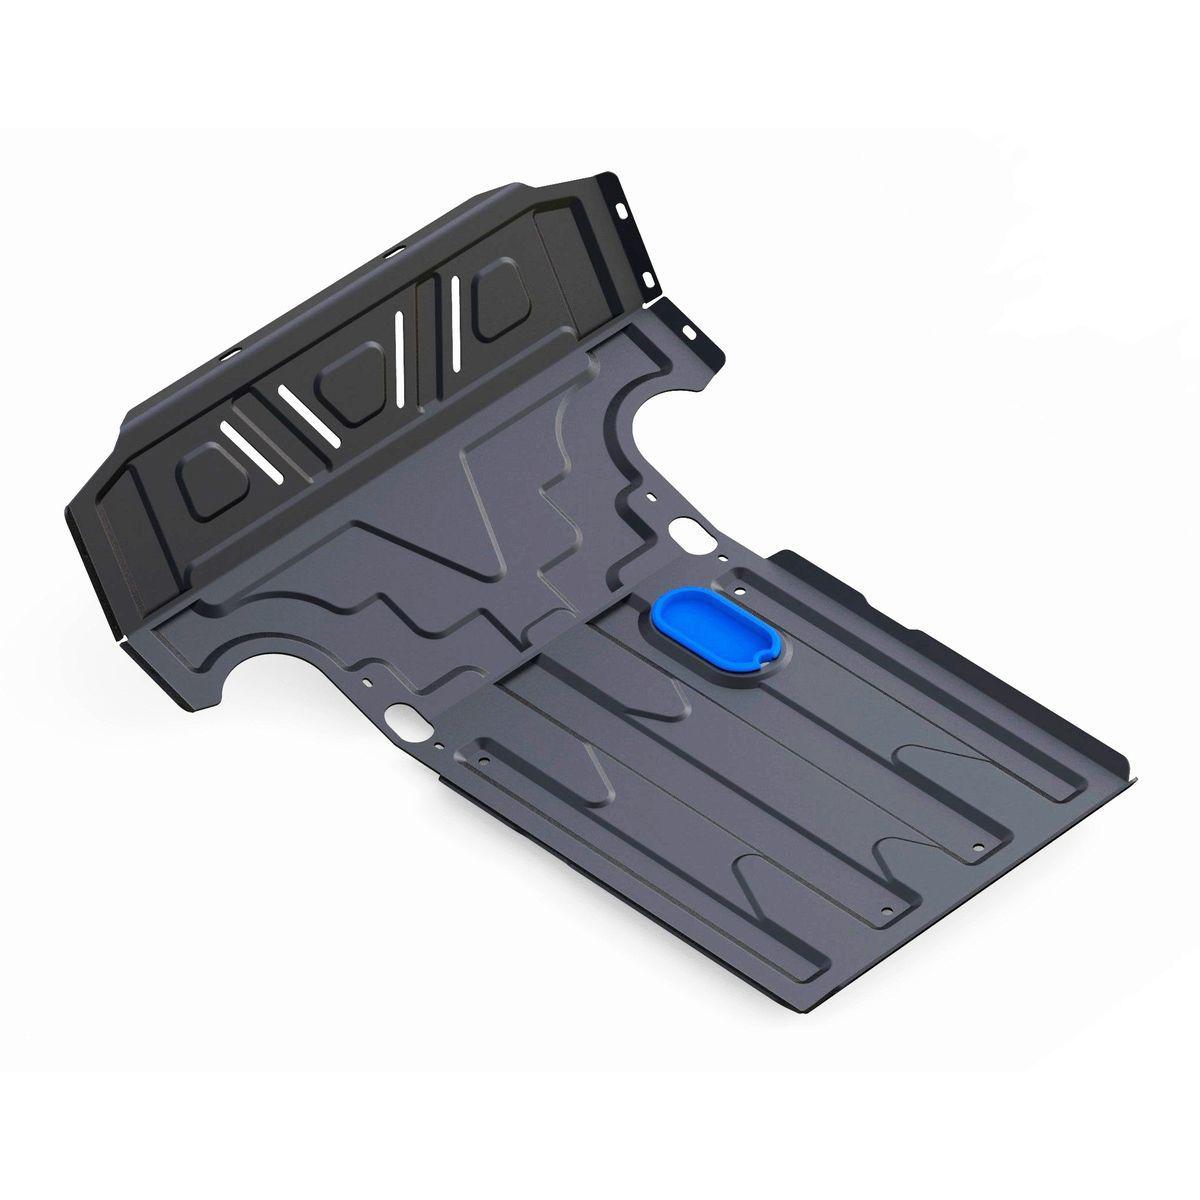 Защита картера Rival для Chevrolet Niva 2002-н.в., 2 части, сталь 2 мм1.1017.1Защита картера (2 части) Rival для Chevrolet Niva V - 1.7 2002-н.в., Сталь 2 мм, штатный крепеж, 1.1017.1Стальные защиты картера Rival надежно защищают днище вашего автомобиля от повреждений при наезде на бордюры, выступающие канализационные люки, кромки поврежденного асфальта или при ремонте дорог, не говоря уже о загородных дорогах.Основными преимуществами продукта являются:- Имеет оптимальное соотношение цена-качество.- Спроектированы с учетом особенностей автомобиля, что делает установку удобной.- Является надежной защитой для важных элементов на протяжении долгих лет.- Глубокий штамп дополнительно усиливает конструкцию защиты.- Подштамповка в местах крепления защищает крепеж от срезания.- Технологические отверстия там, где они необходимы для смены масла и слива воды, оборудованные заглушками, надежно закрепленными на защите.В комплекте инструкция по установке.Уважаемые клиенты!Обращаем ваше внимание, на тот факт, что защита имеет форму, соответствующую модели данного автомобиля. Наличие глубокого штампа и лючков для смены фильтров/масла предусмотрено не на всех защитах. Фото служит для визуального восприятия товара.